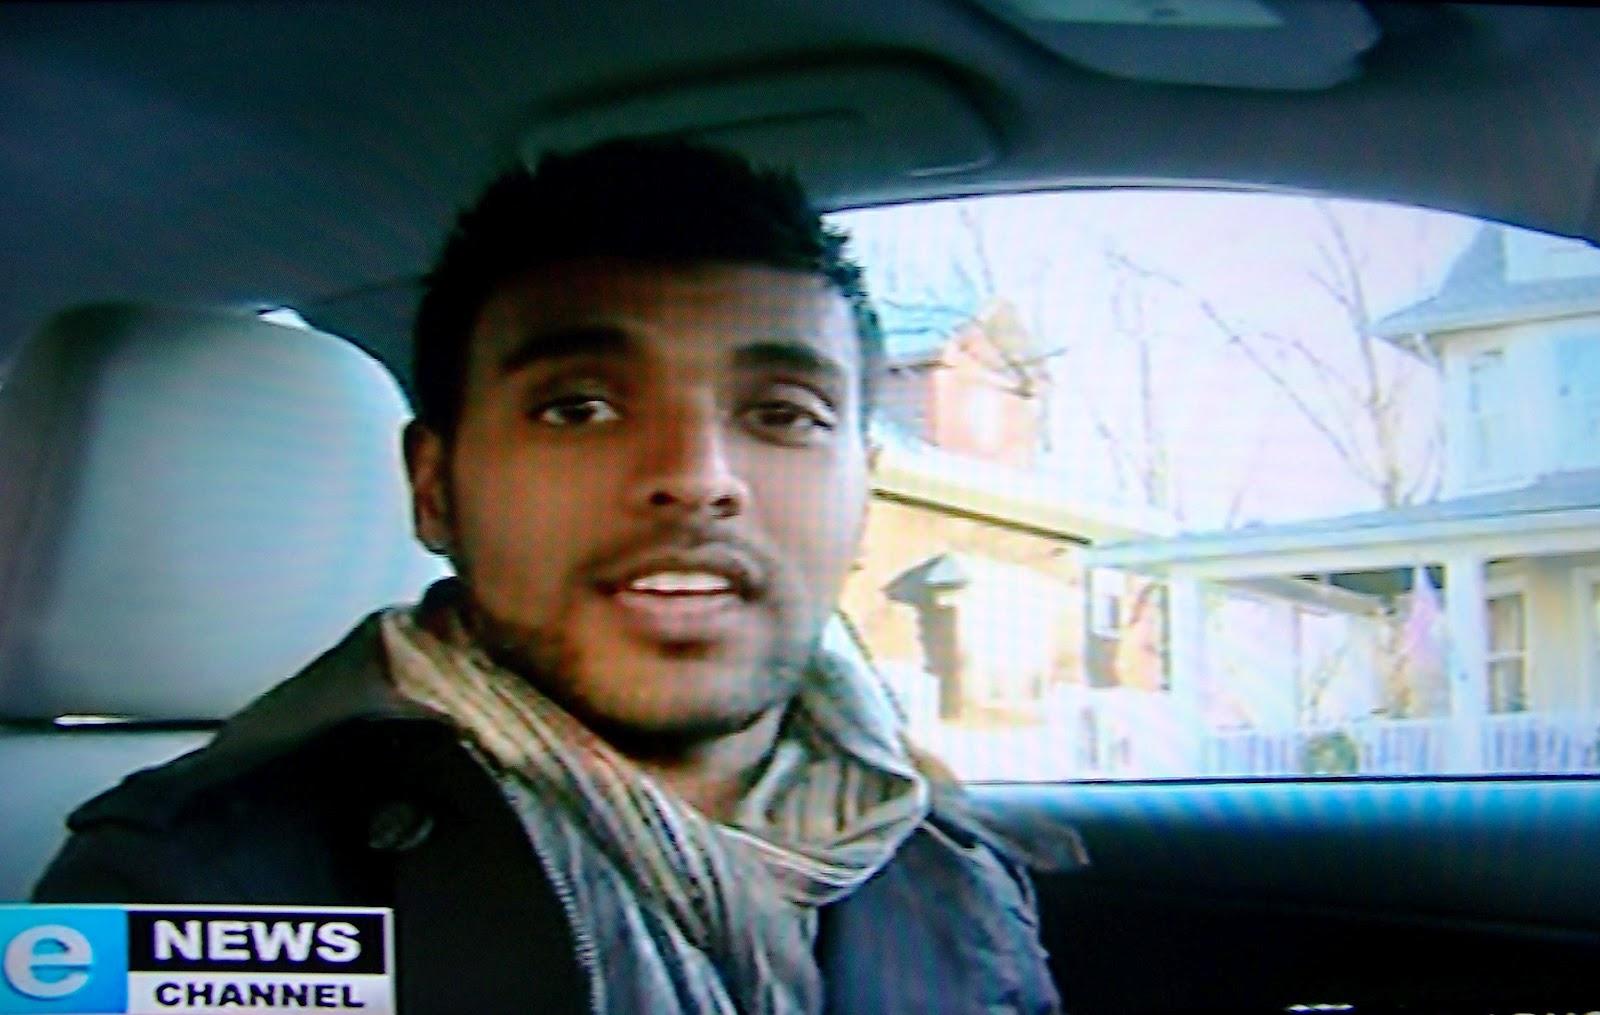 http://2.bp.blogspot.com/-z5_EpfKclp4/TzuZ0hR-U9I/AAAAAAAAQYM/-mJRY1bCKh4/s1600/Shahan+Ramikissoon+eNews+Channel+February+2012.jpg